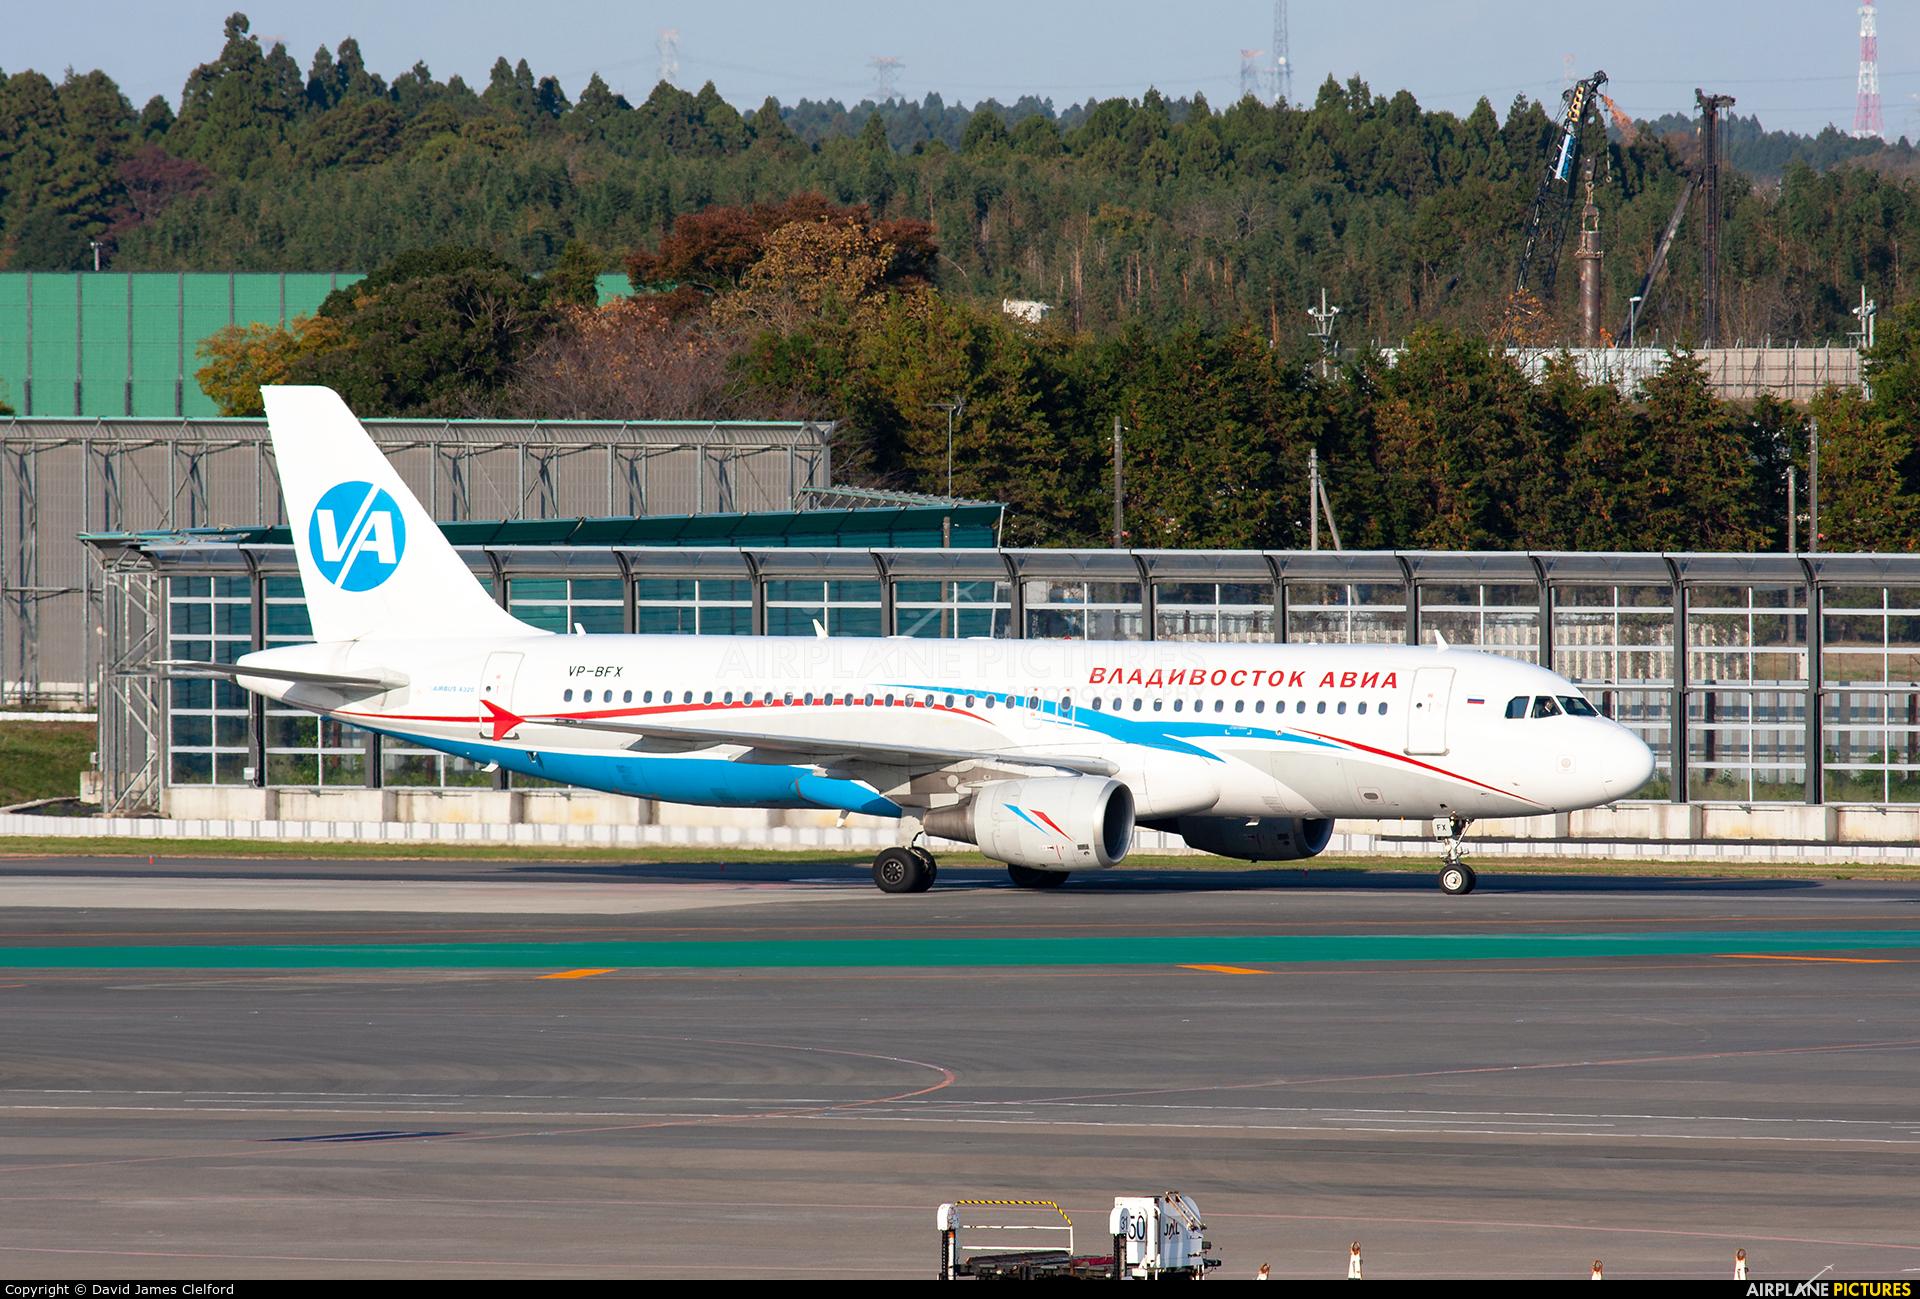 Vladivostok Avia VP-BFX aircraft at Tokyo - Narita Intl